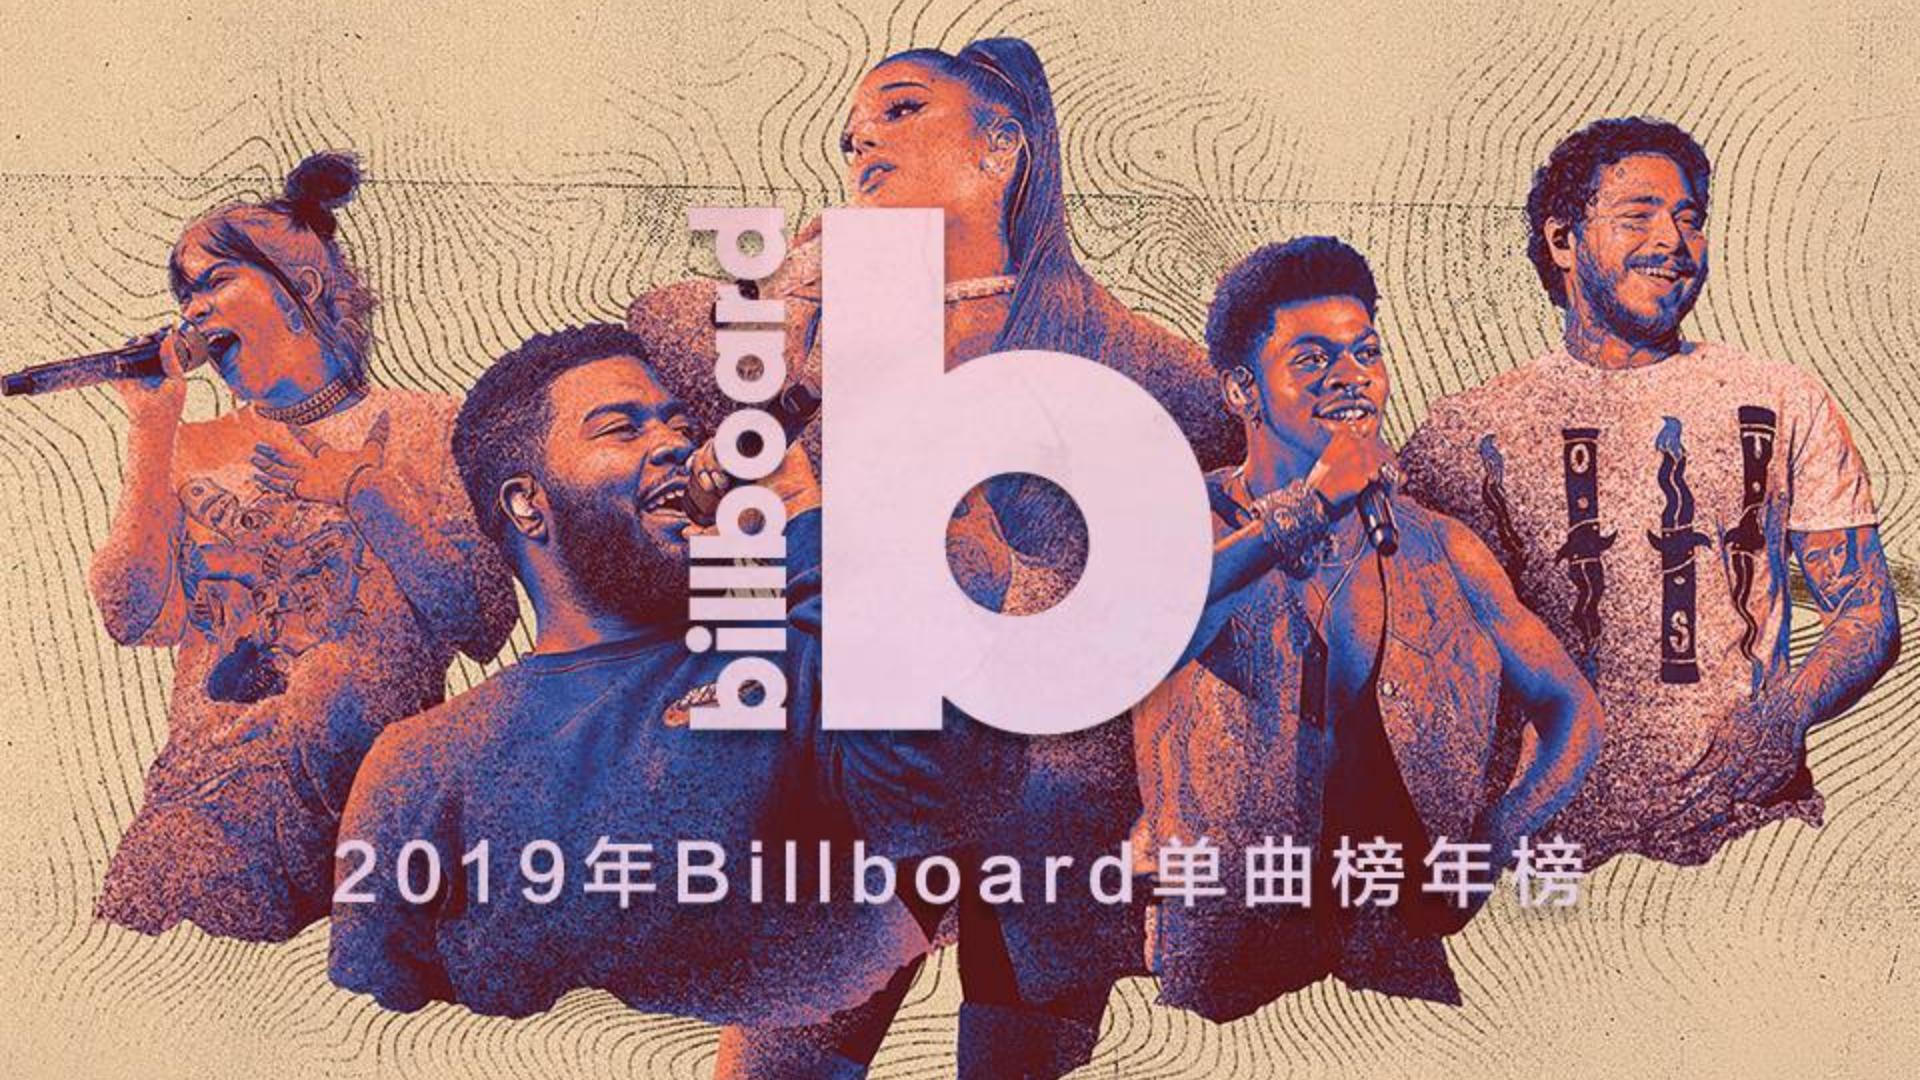 2019年Billboard单曲榜年榜